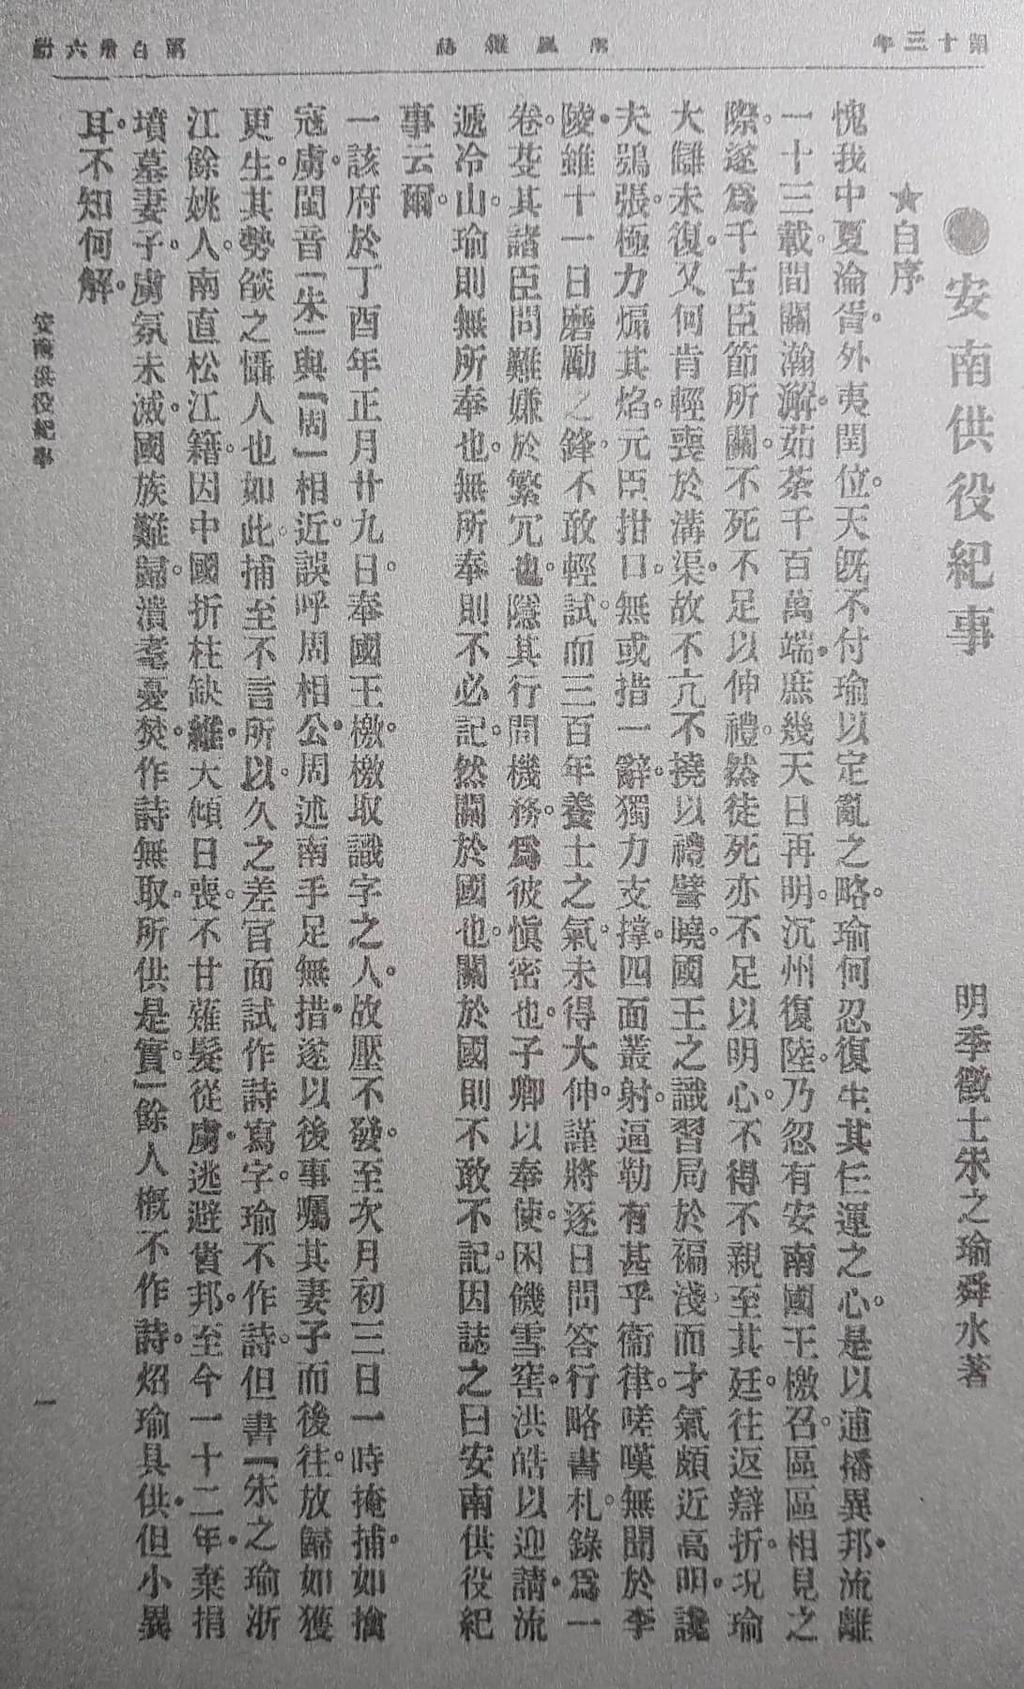 Nam Phong, to bao khong chi khoi day hung thu quoc van hinh anh 4